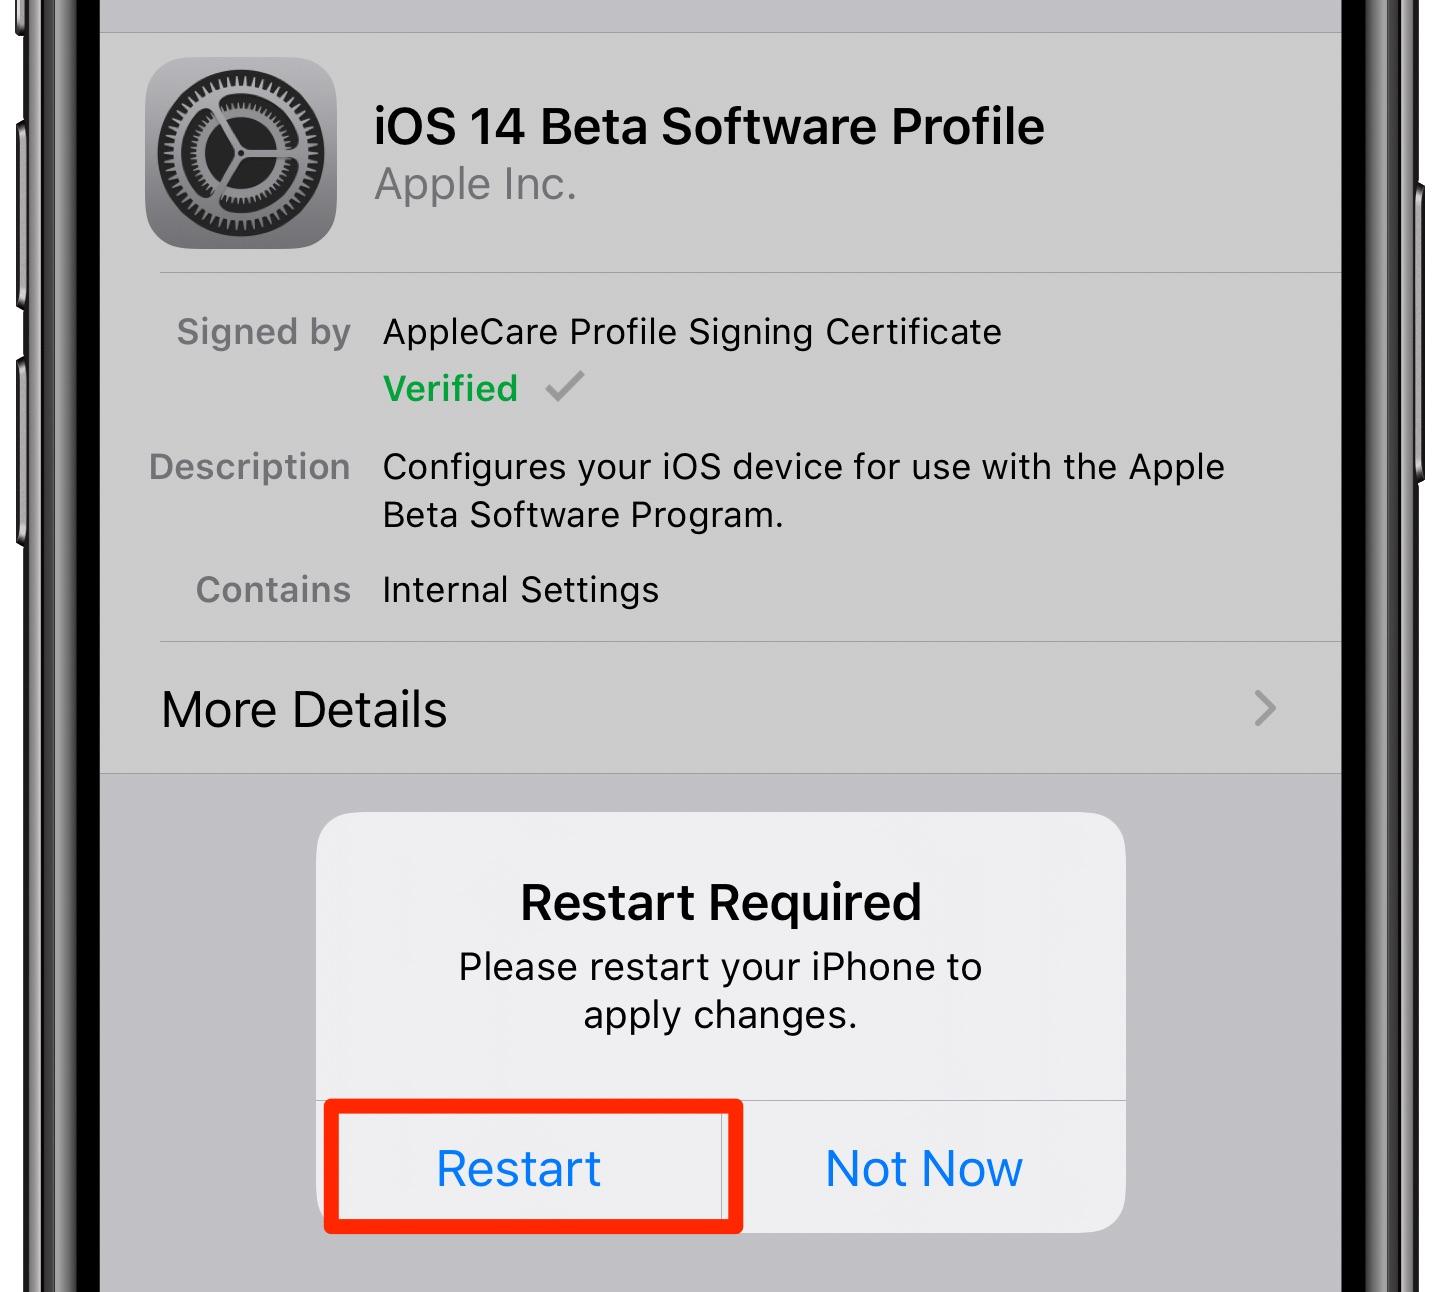 Como instalar desenvolvedores iOS e iPadOS 14 beta 1